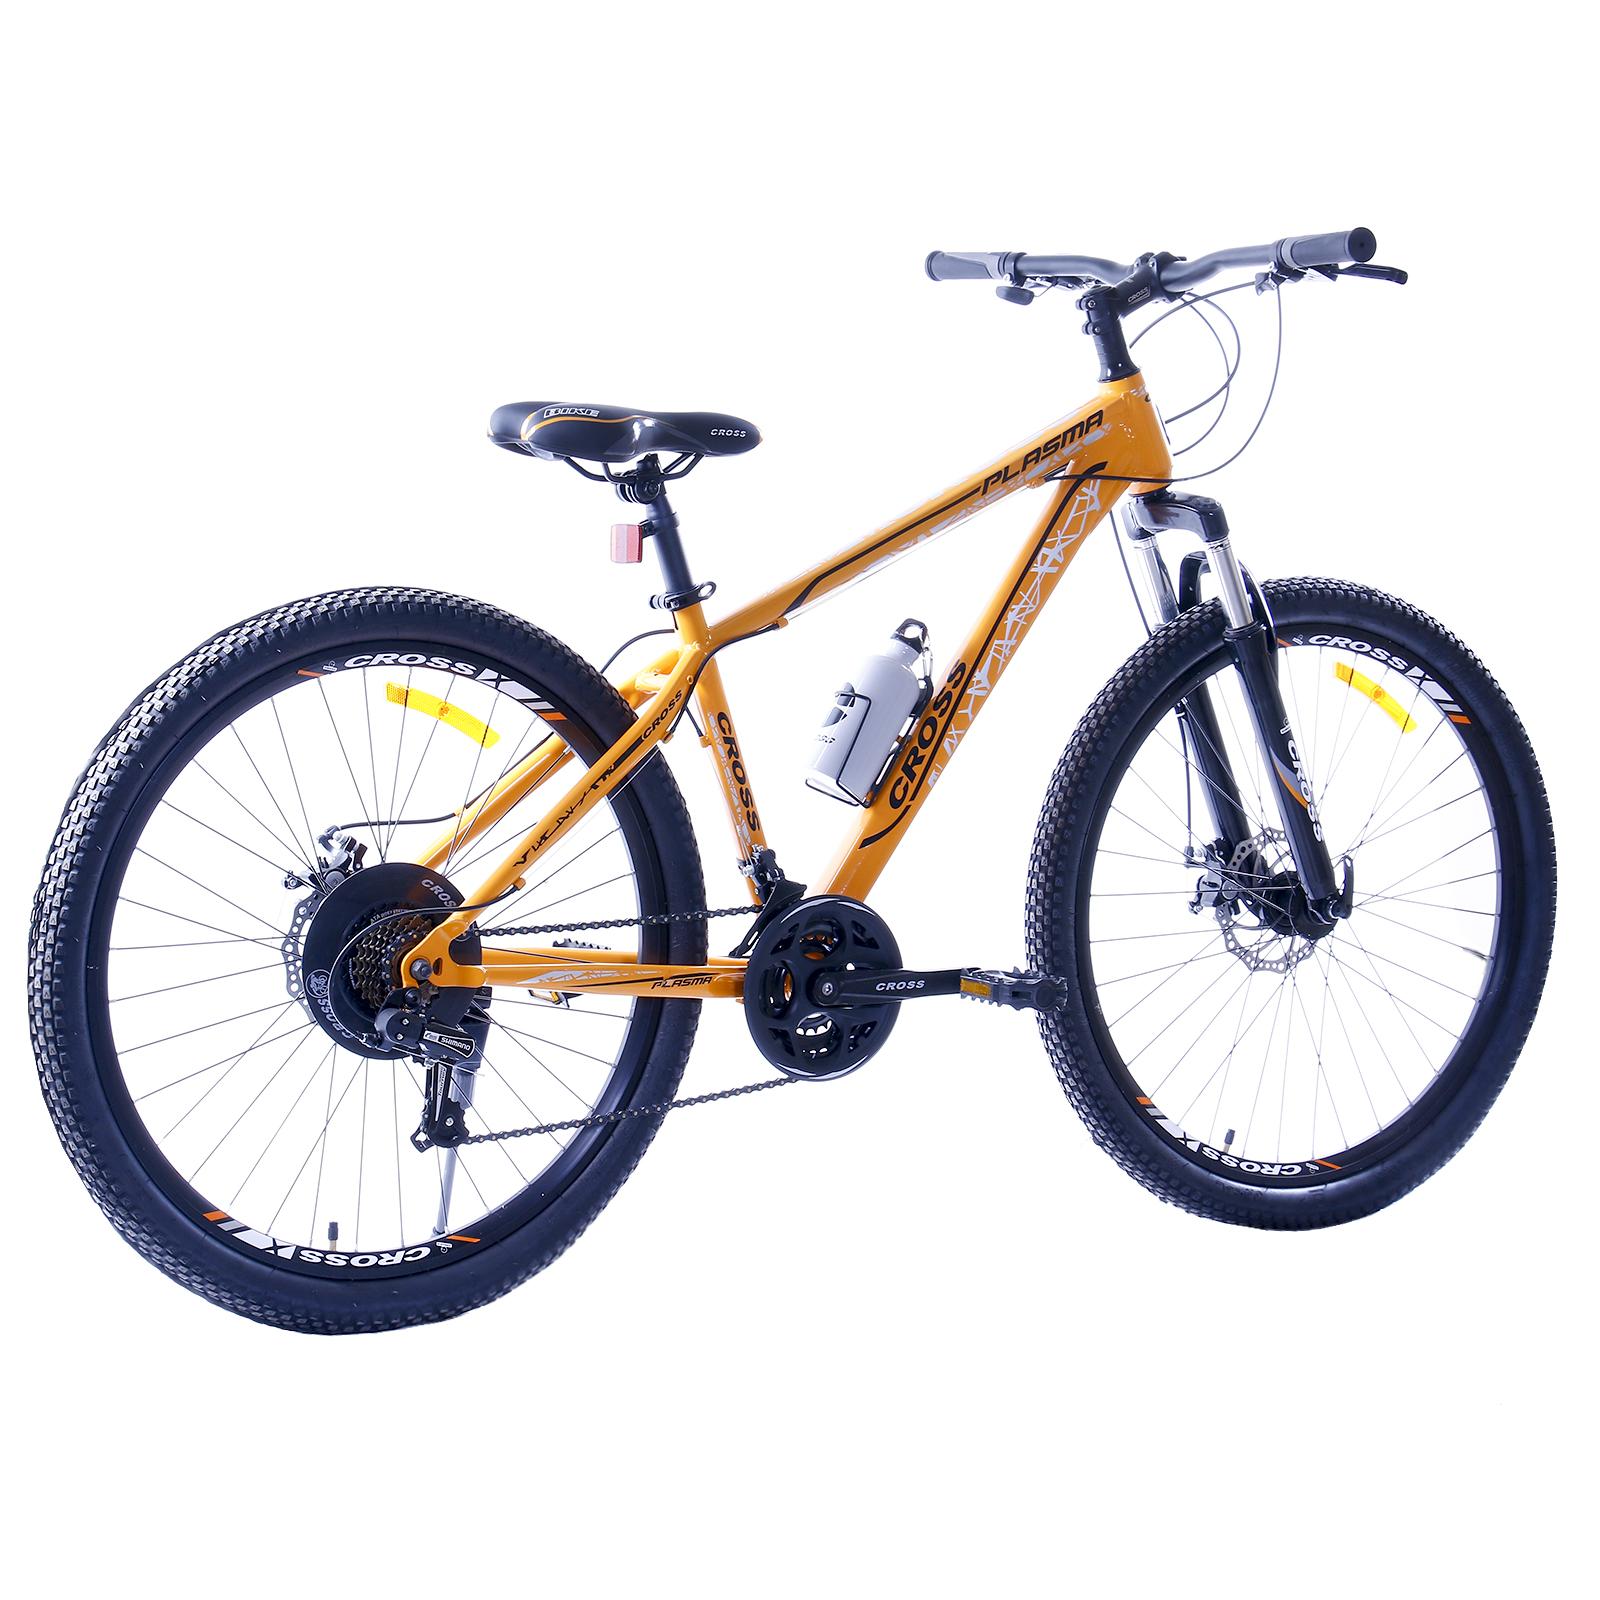 دوچرخه کوهستان کراس مدل PLASMA سایز 27.5 main 1 1